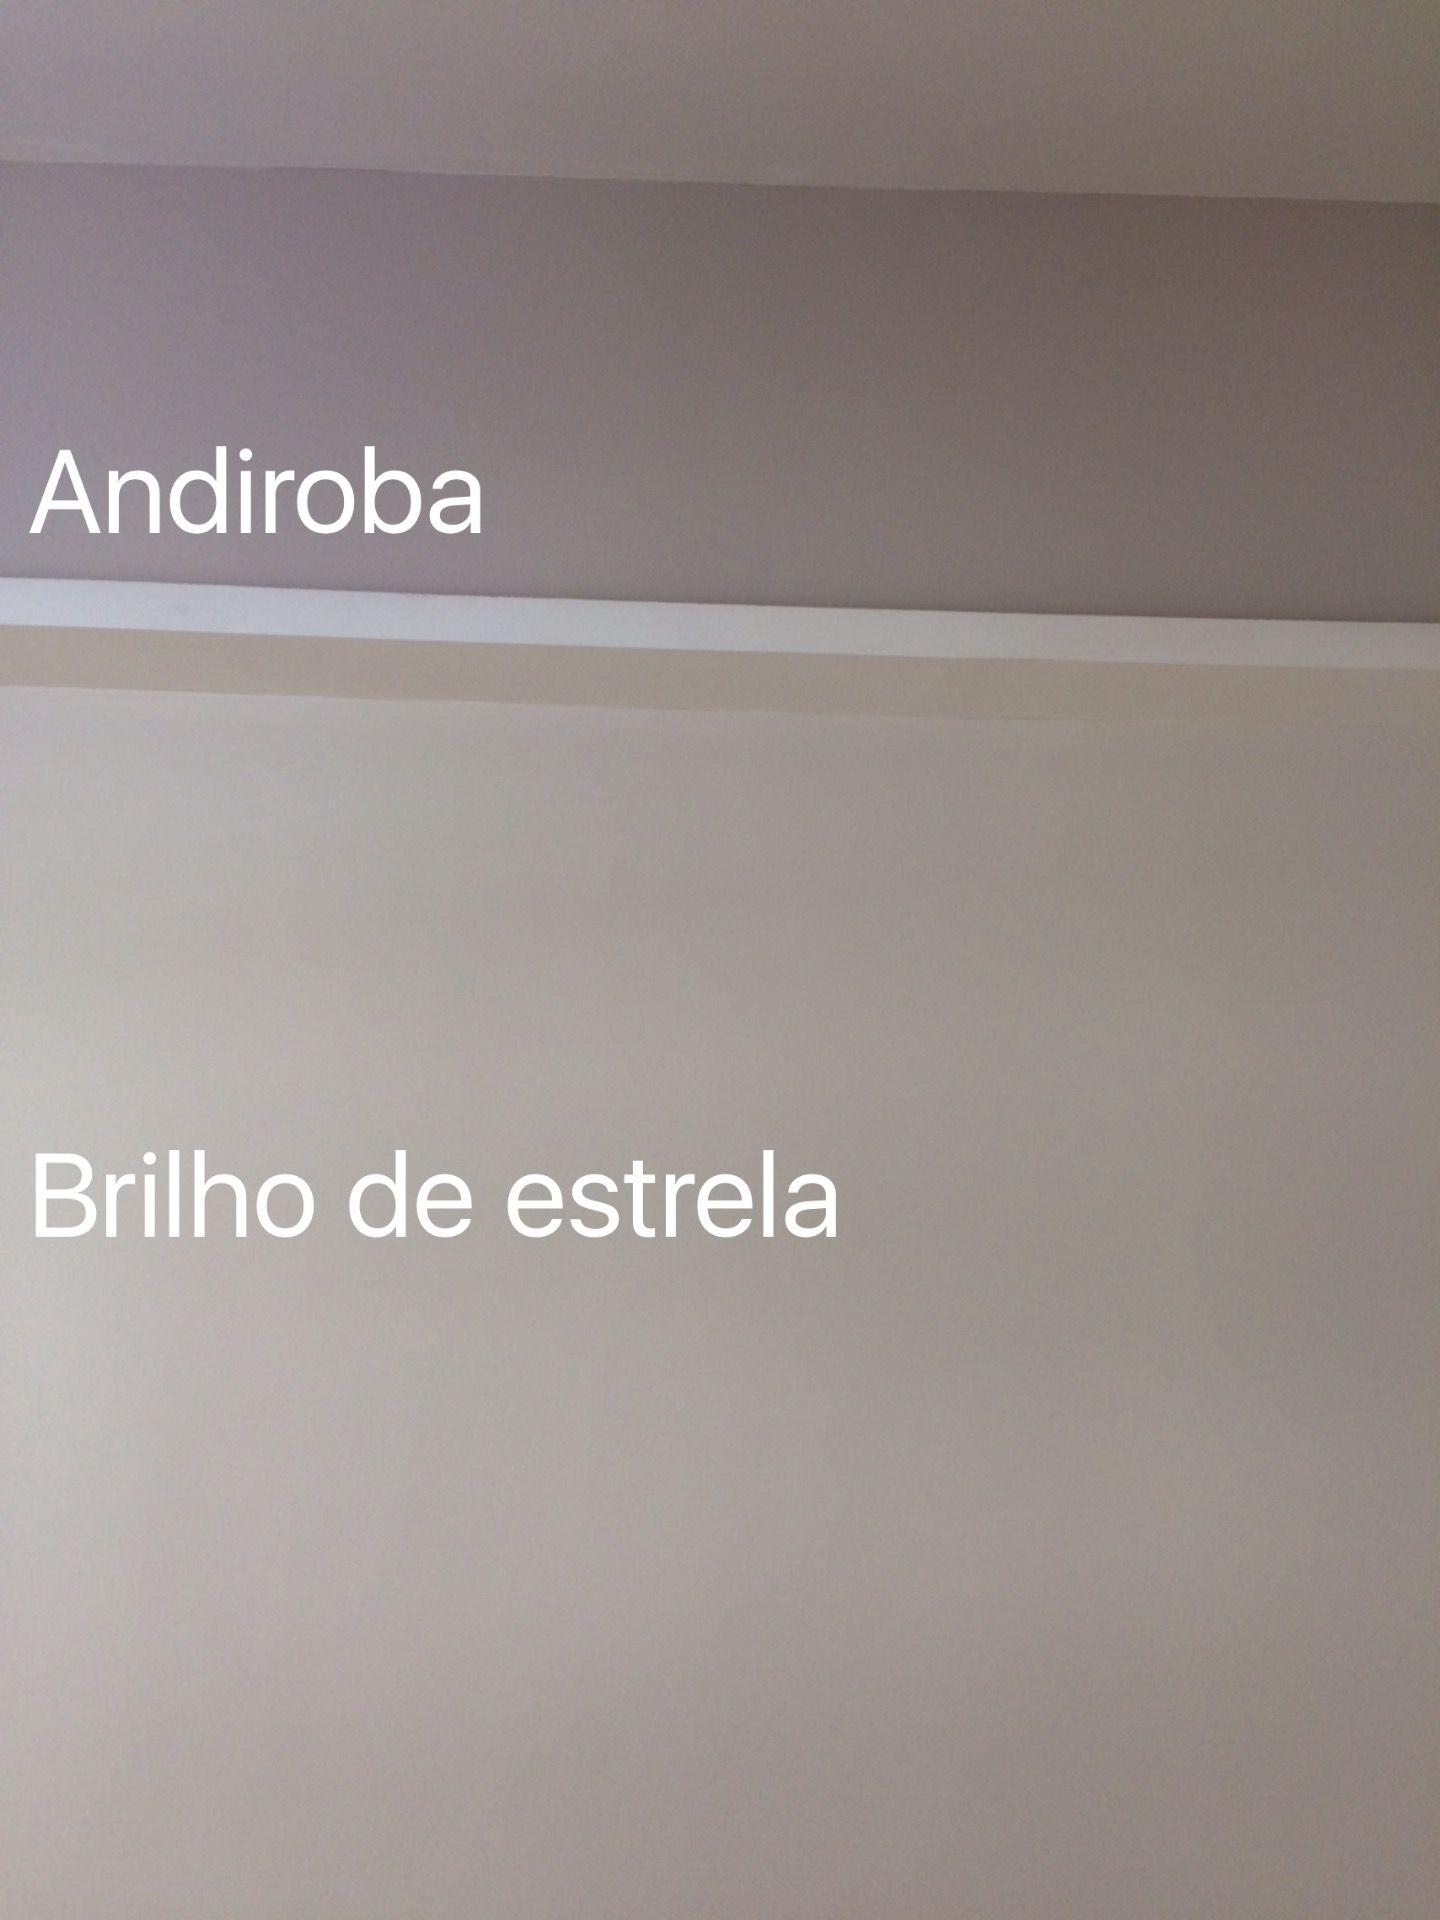 Andiroba suvinil fachada